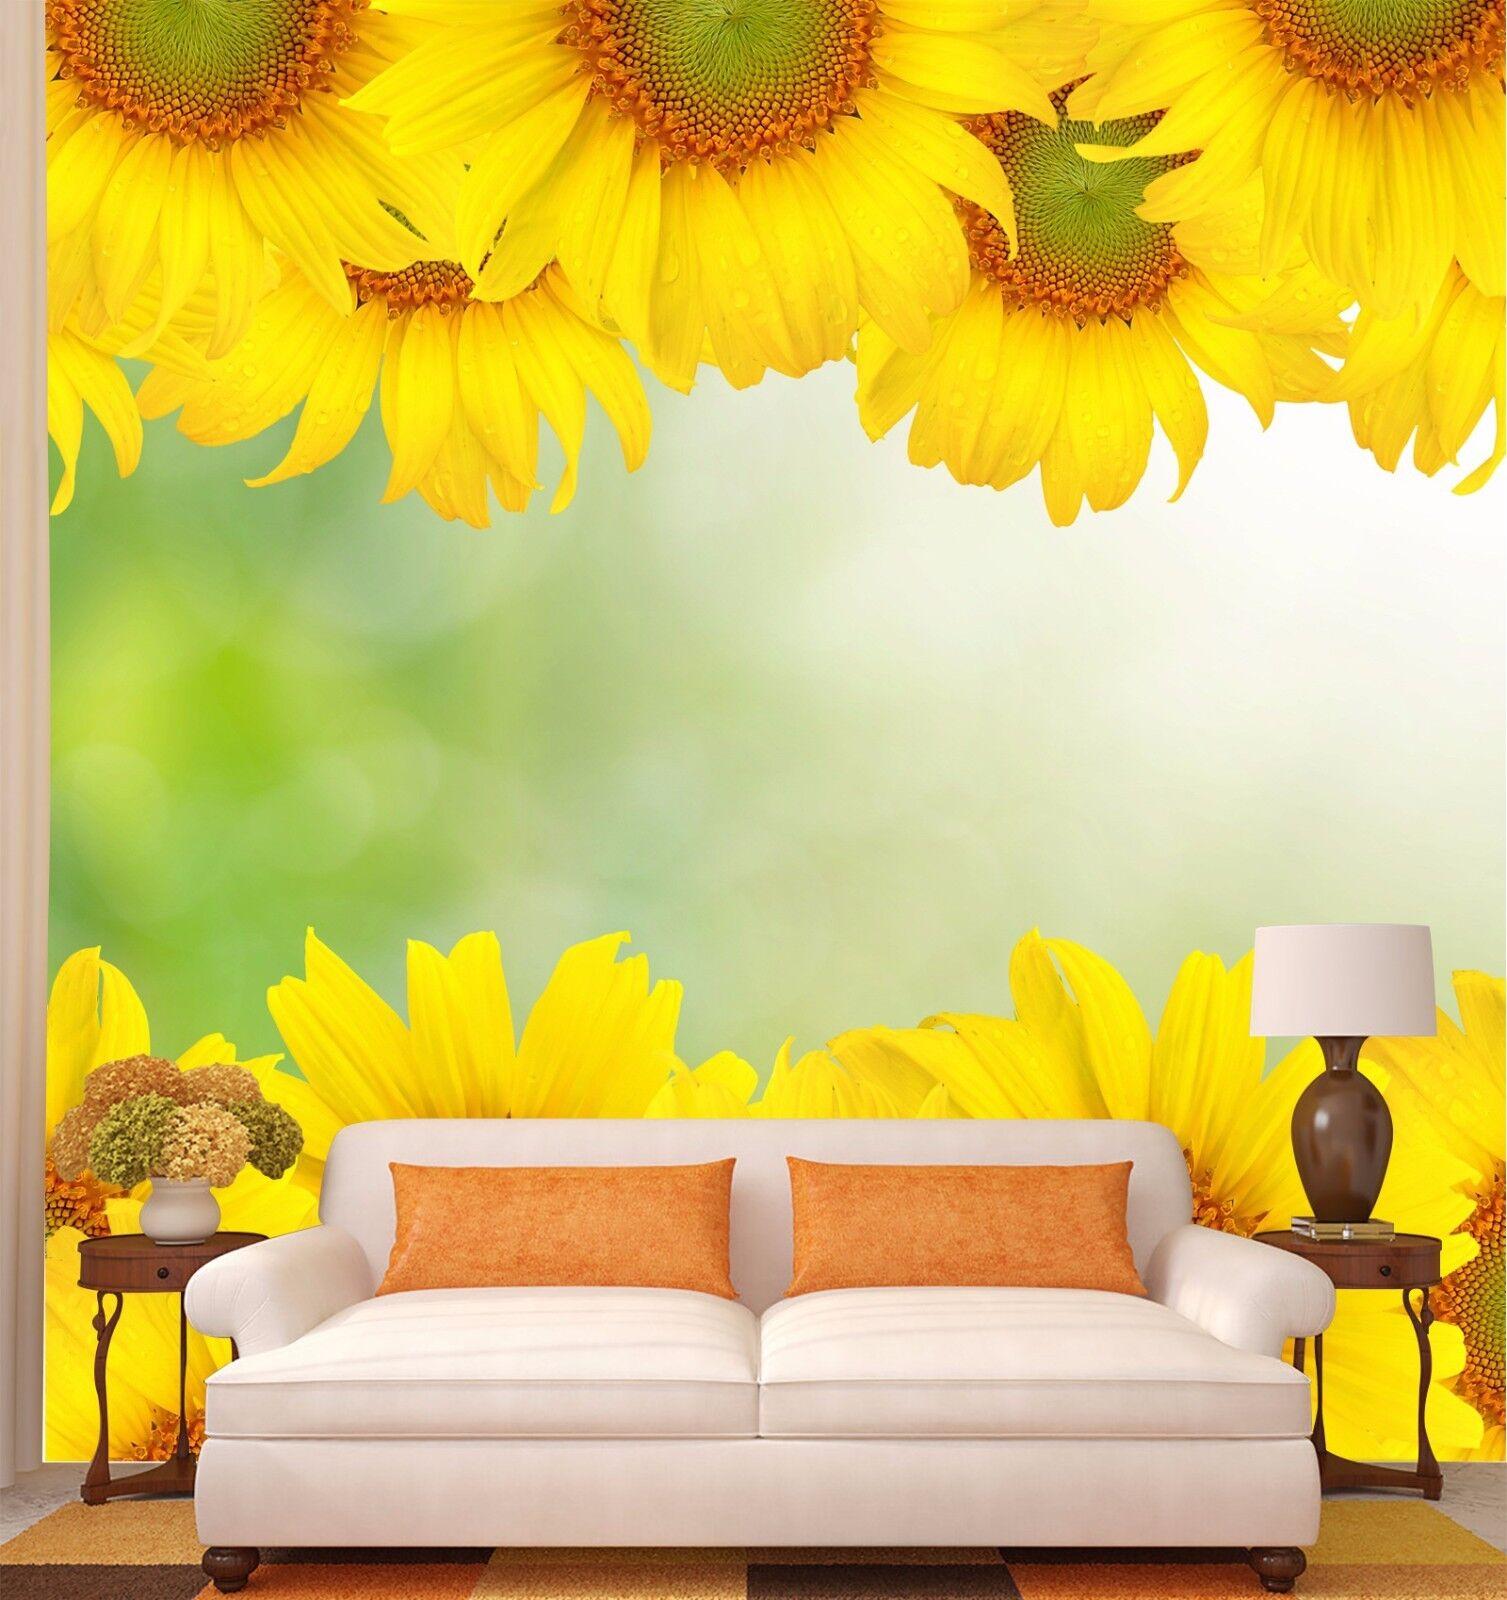 3D Sunflower Flowers 7 Wall Paper Murals Wall Print Wall Wallpaper Mural AU Kyra